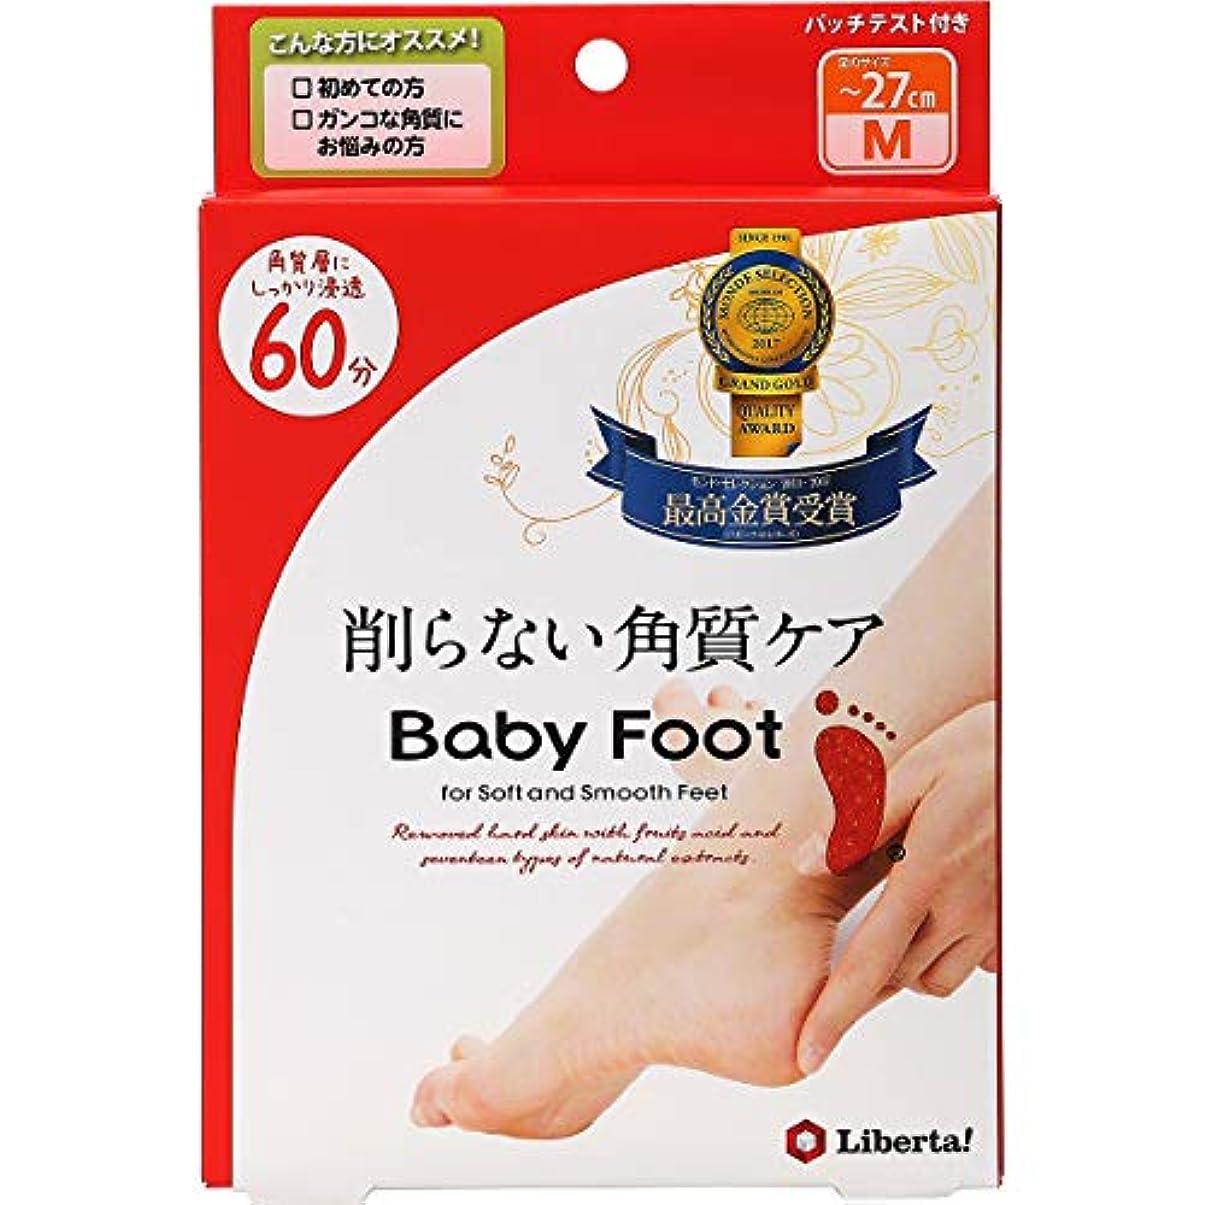 ミルク甘美なポップベビーフット (Baby Foot) ベビーフット イージーパック SPT60分タイプ Mサイズ 単品